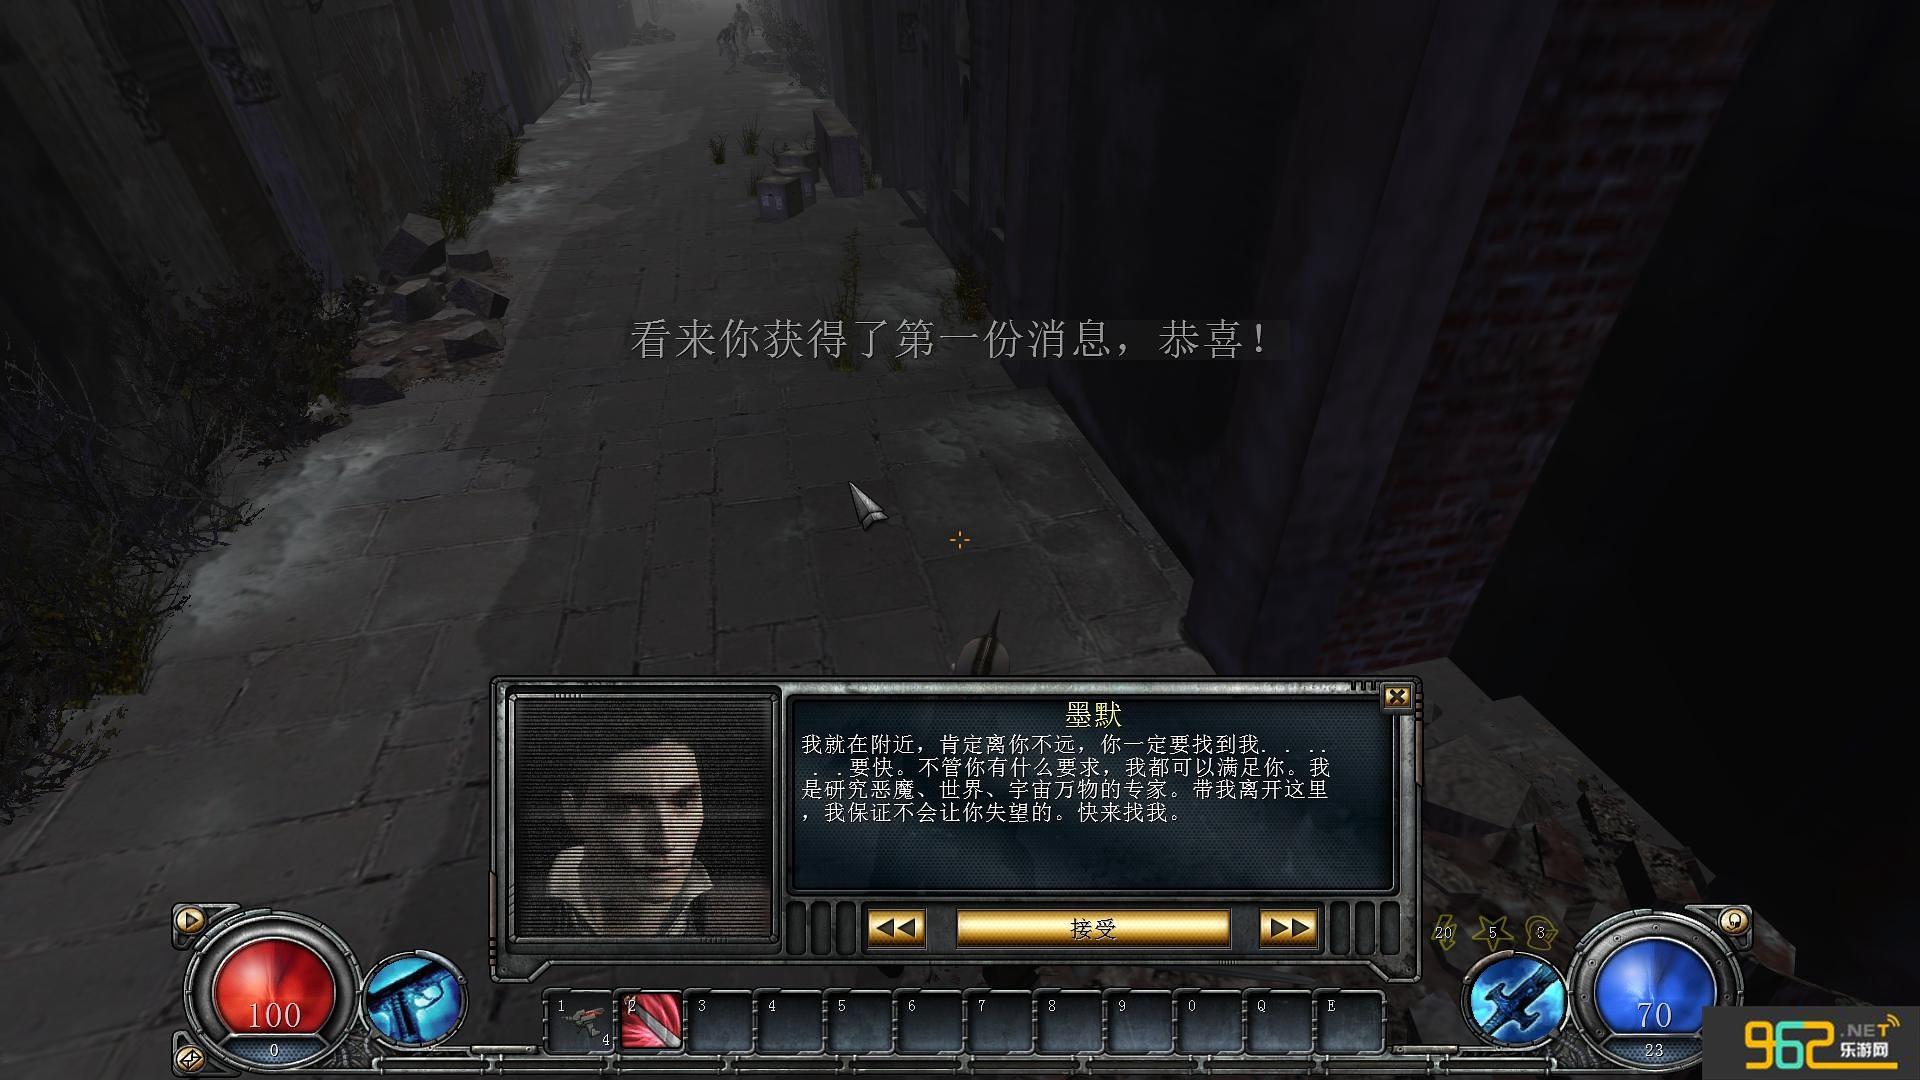 暗黑重生之门 中文破解版